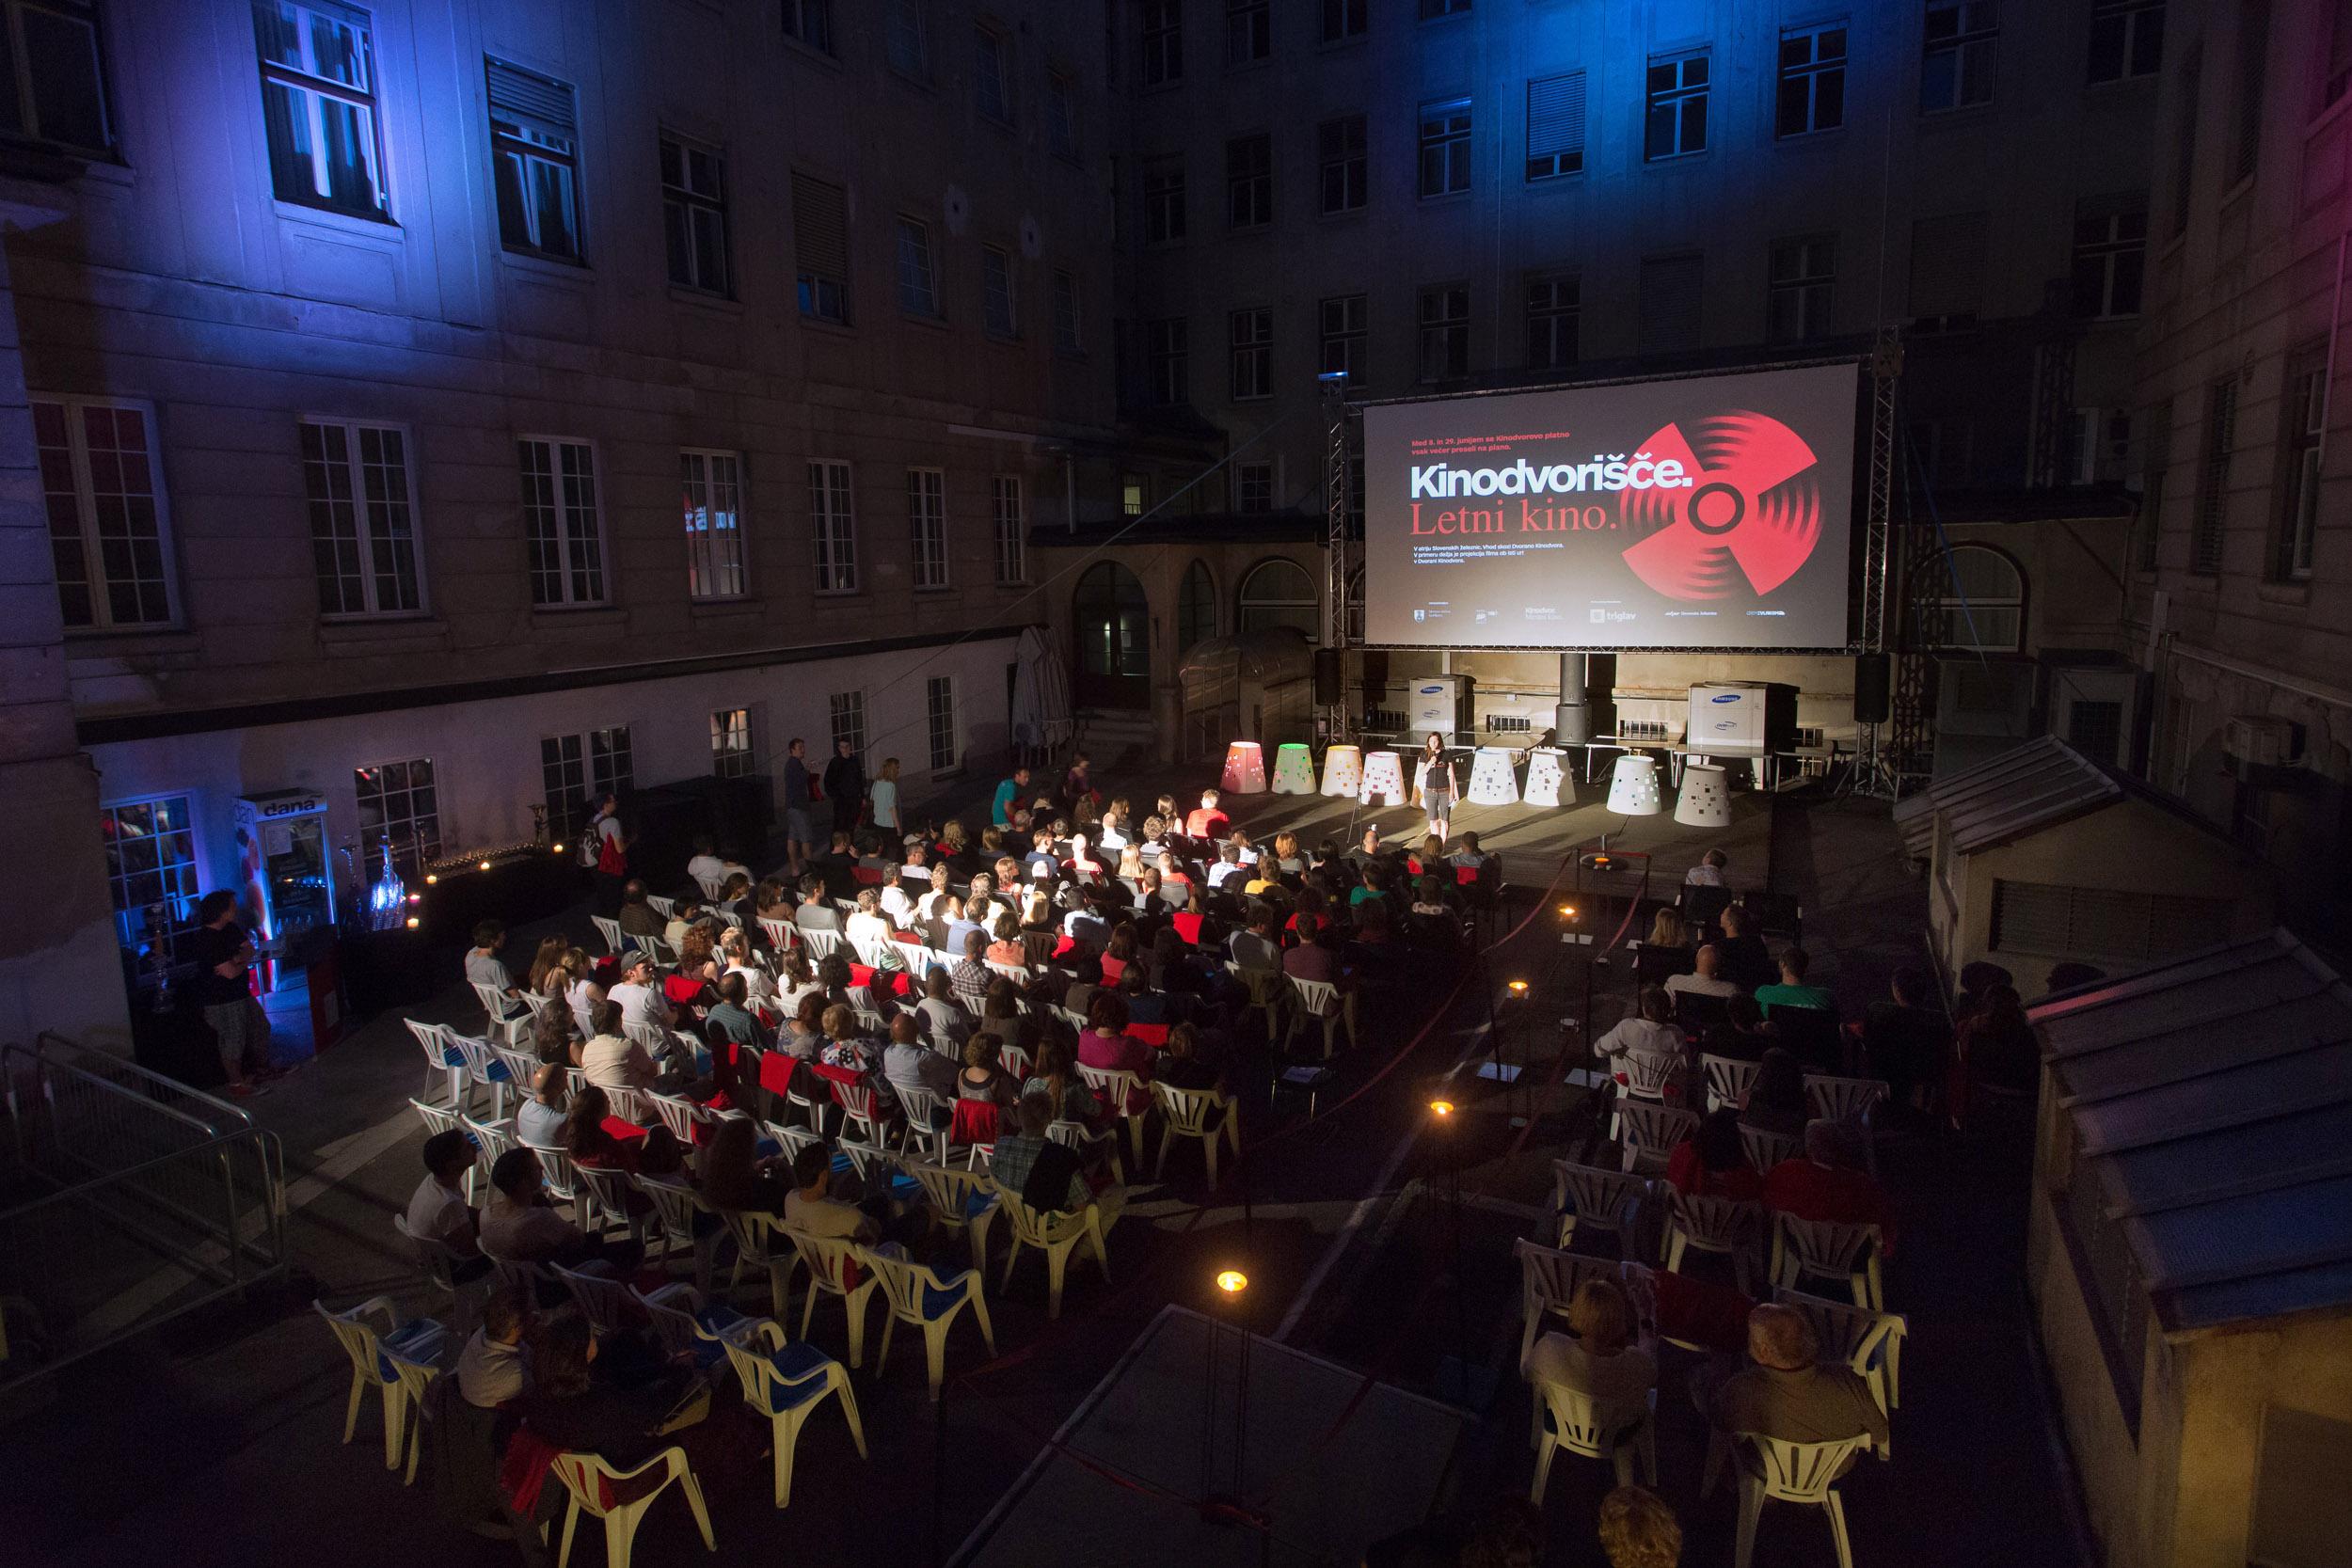 Glasbeni dokumentarci na Kinodvorišču od 12. do 30. junija 2018